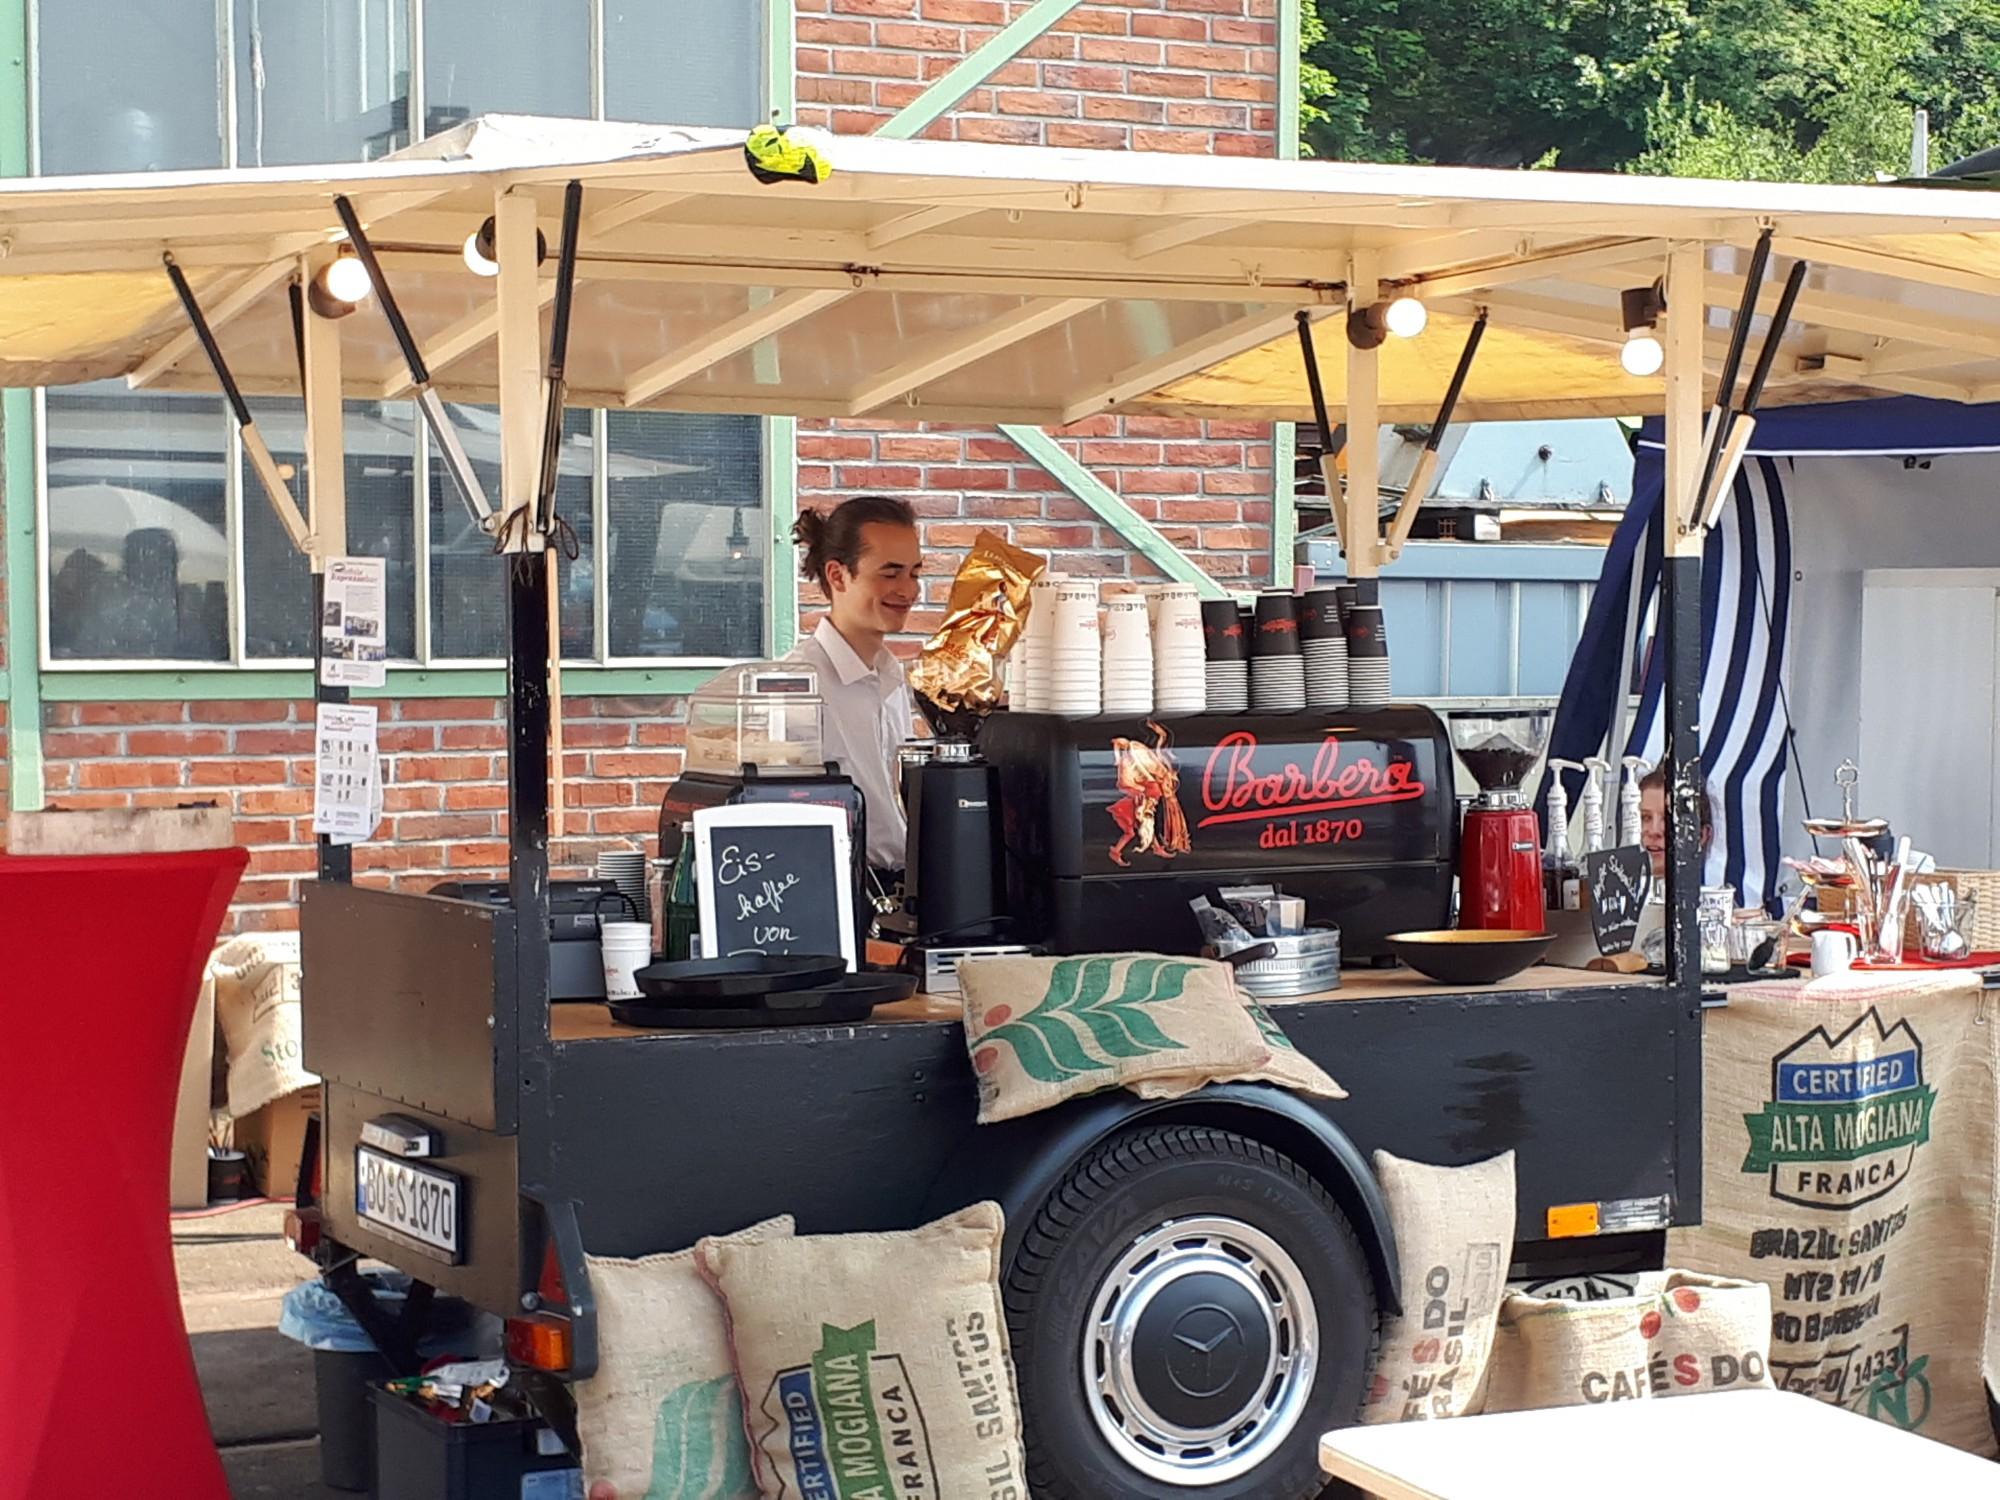 An der mobilen Espresso-Bar können sich Besucher von Haus Opherdicke mit leckerem Kaffee und mehr verwöhnen lassen. (Foto: privat)